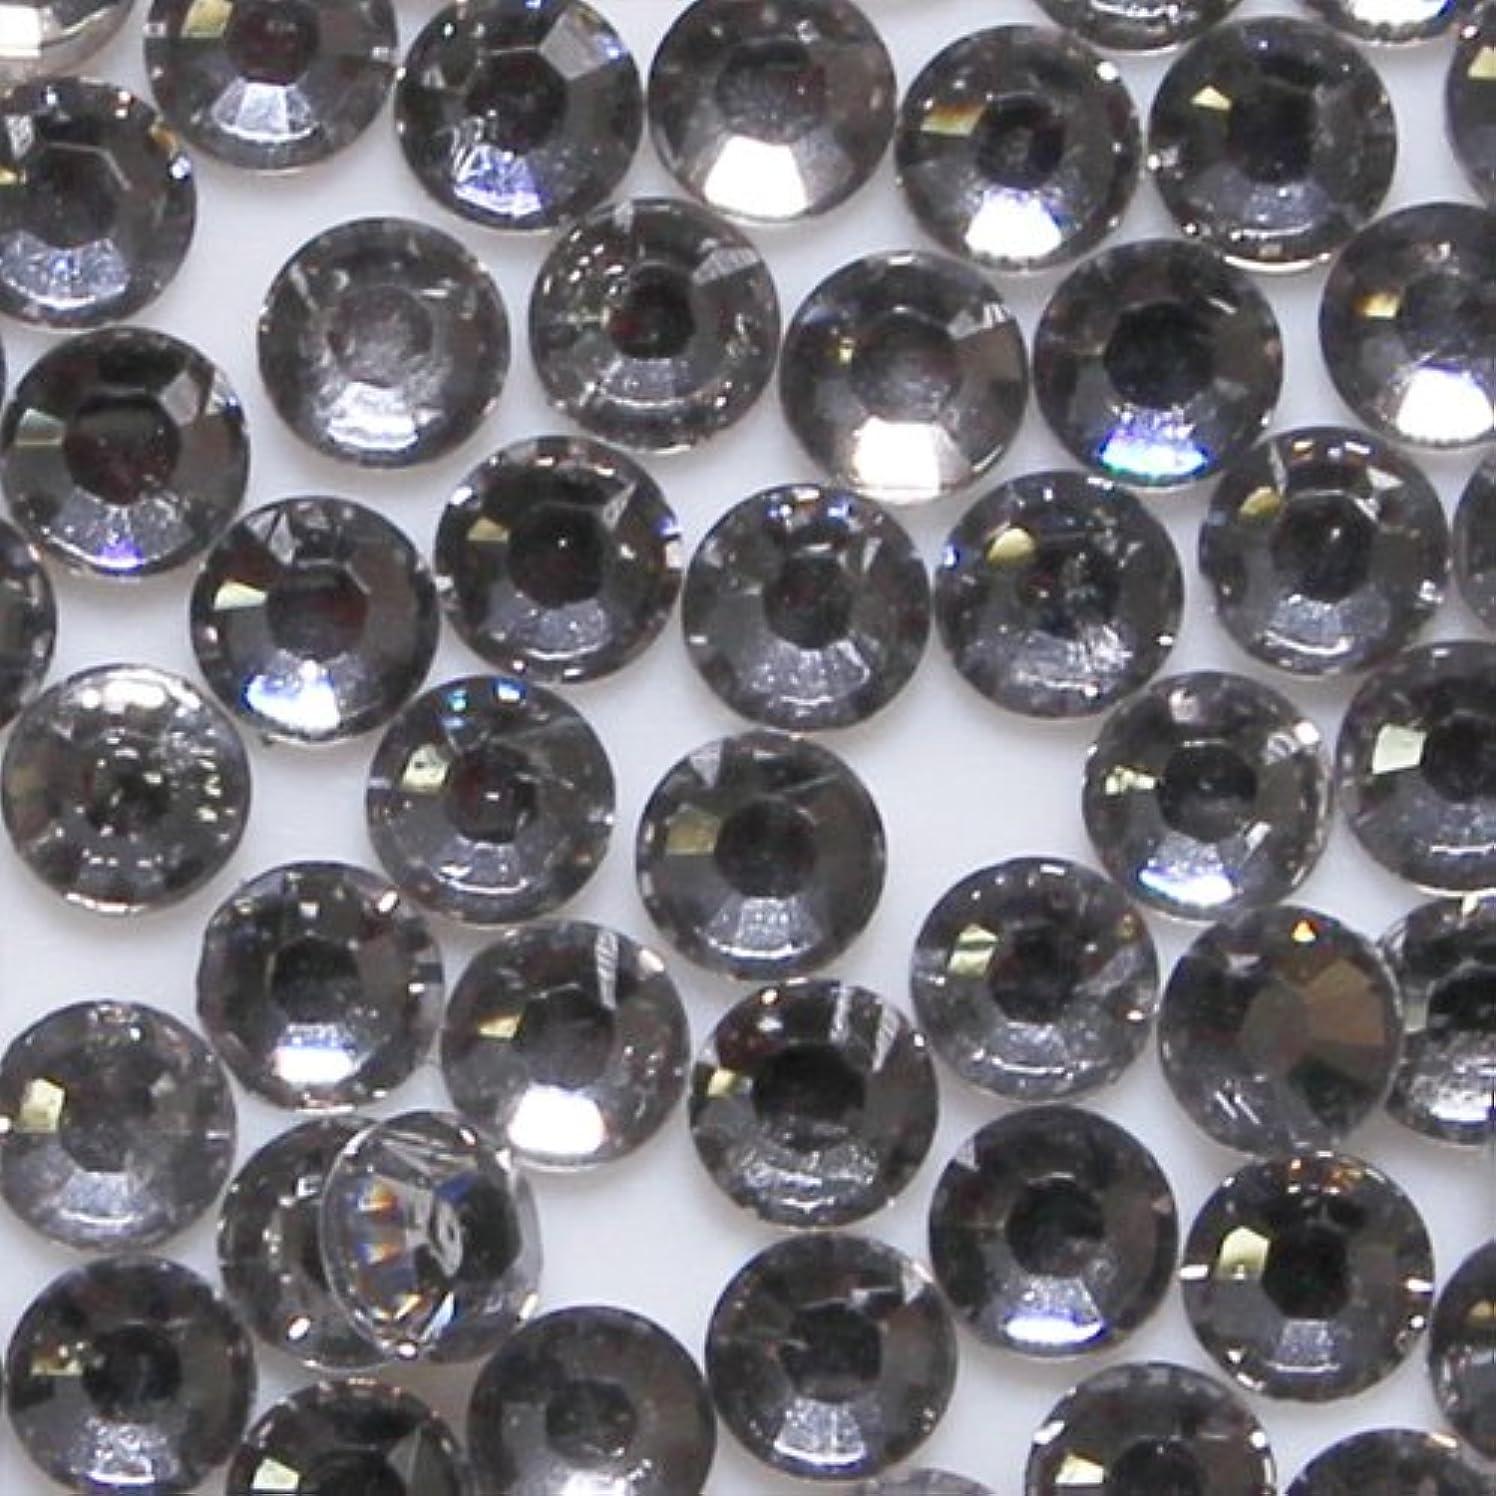 ビール種健全高品質 アクリルストーン ラインストーン ラウンドフラット 約1000粒入り 3mm ブラックダイヤモンド